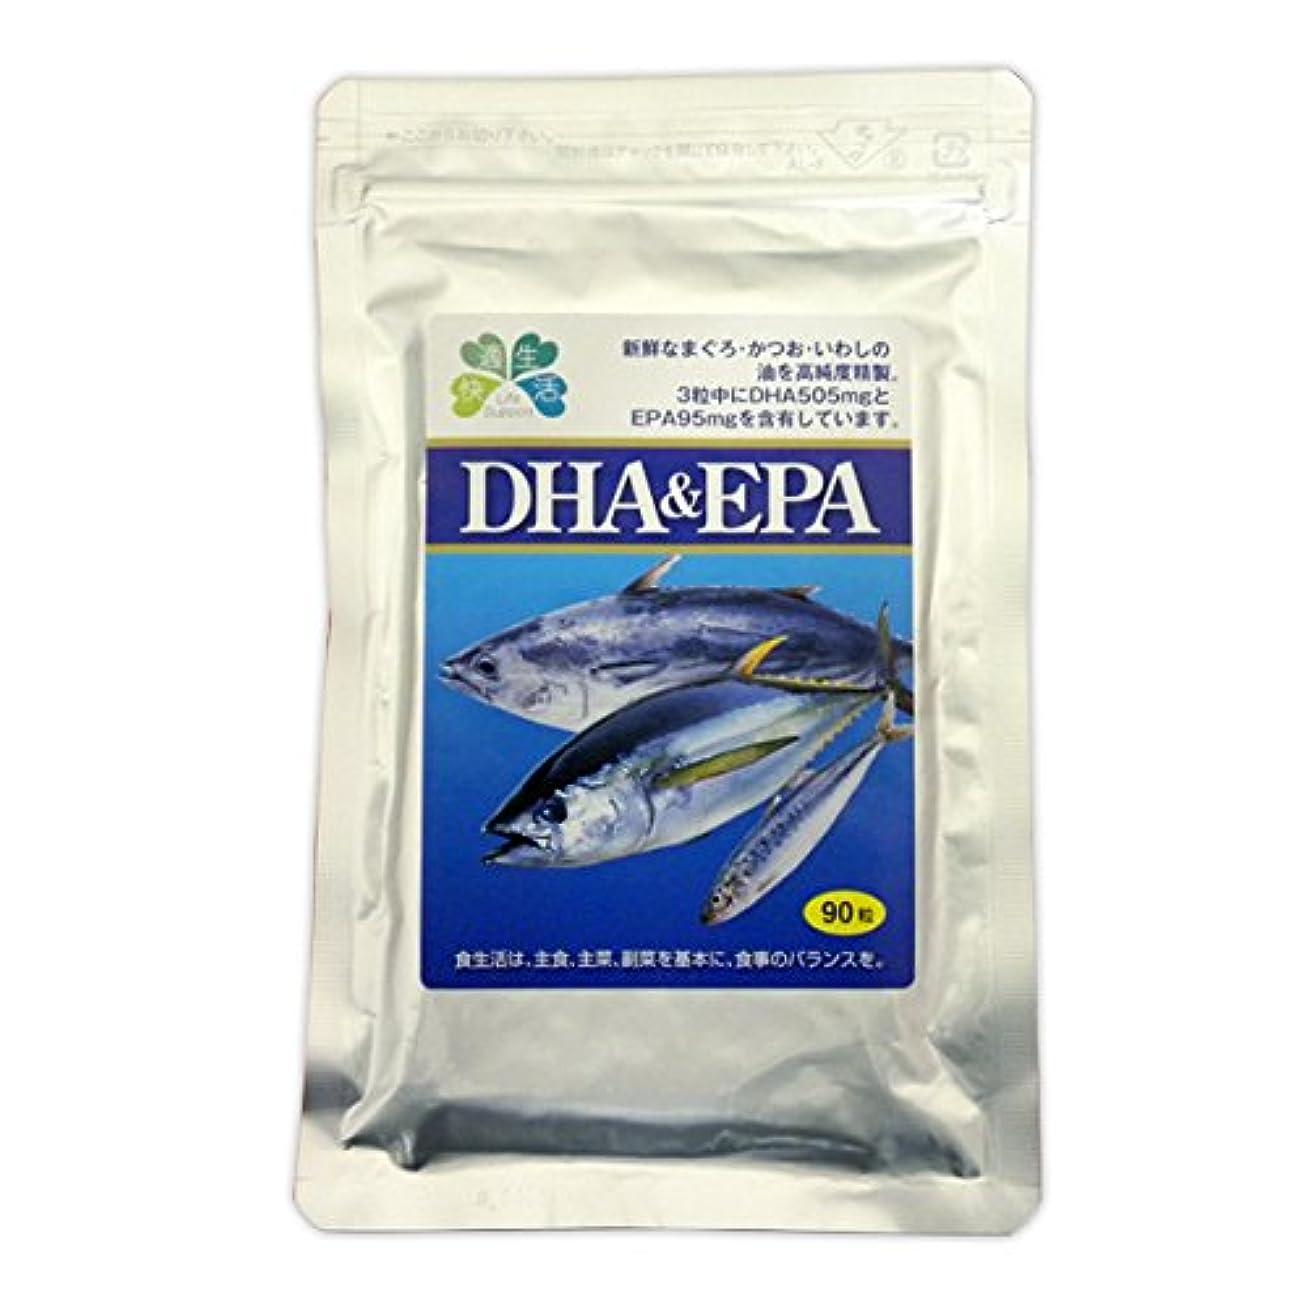 ドキドキアカウント枯渇快適生活 DHA&EPA 4袋